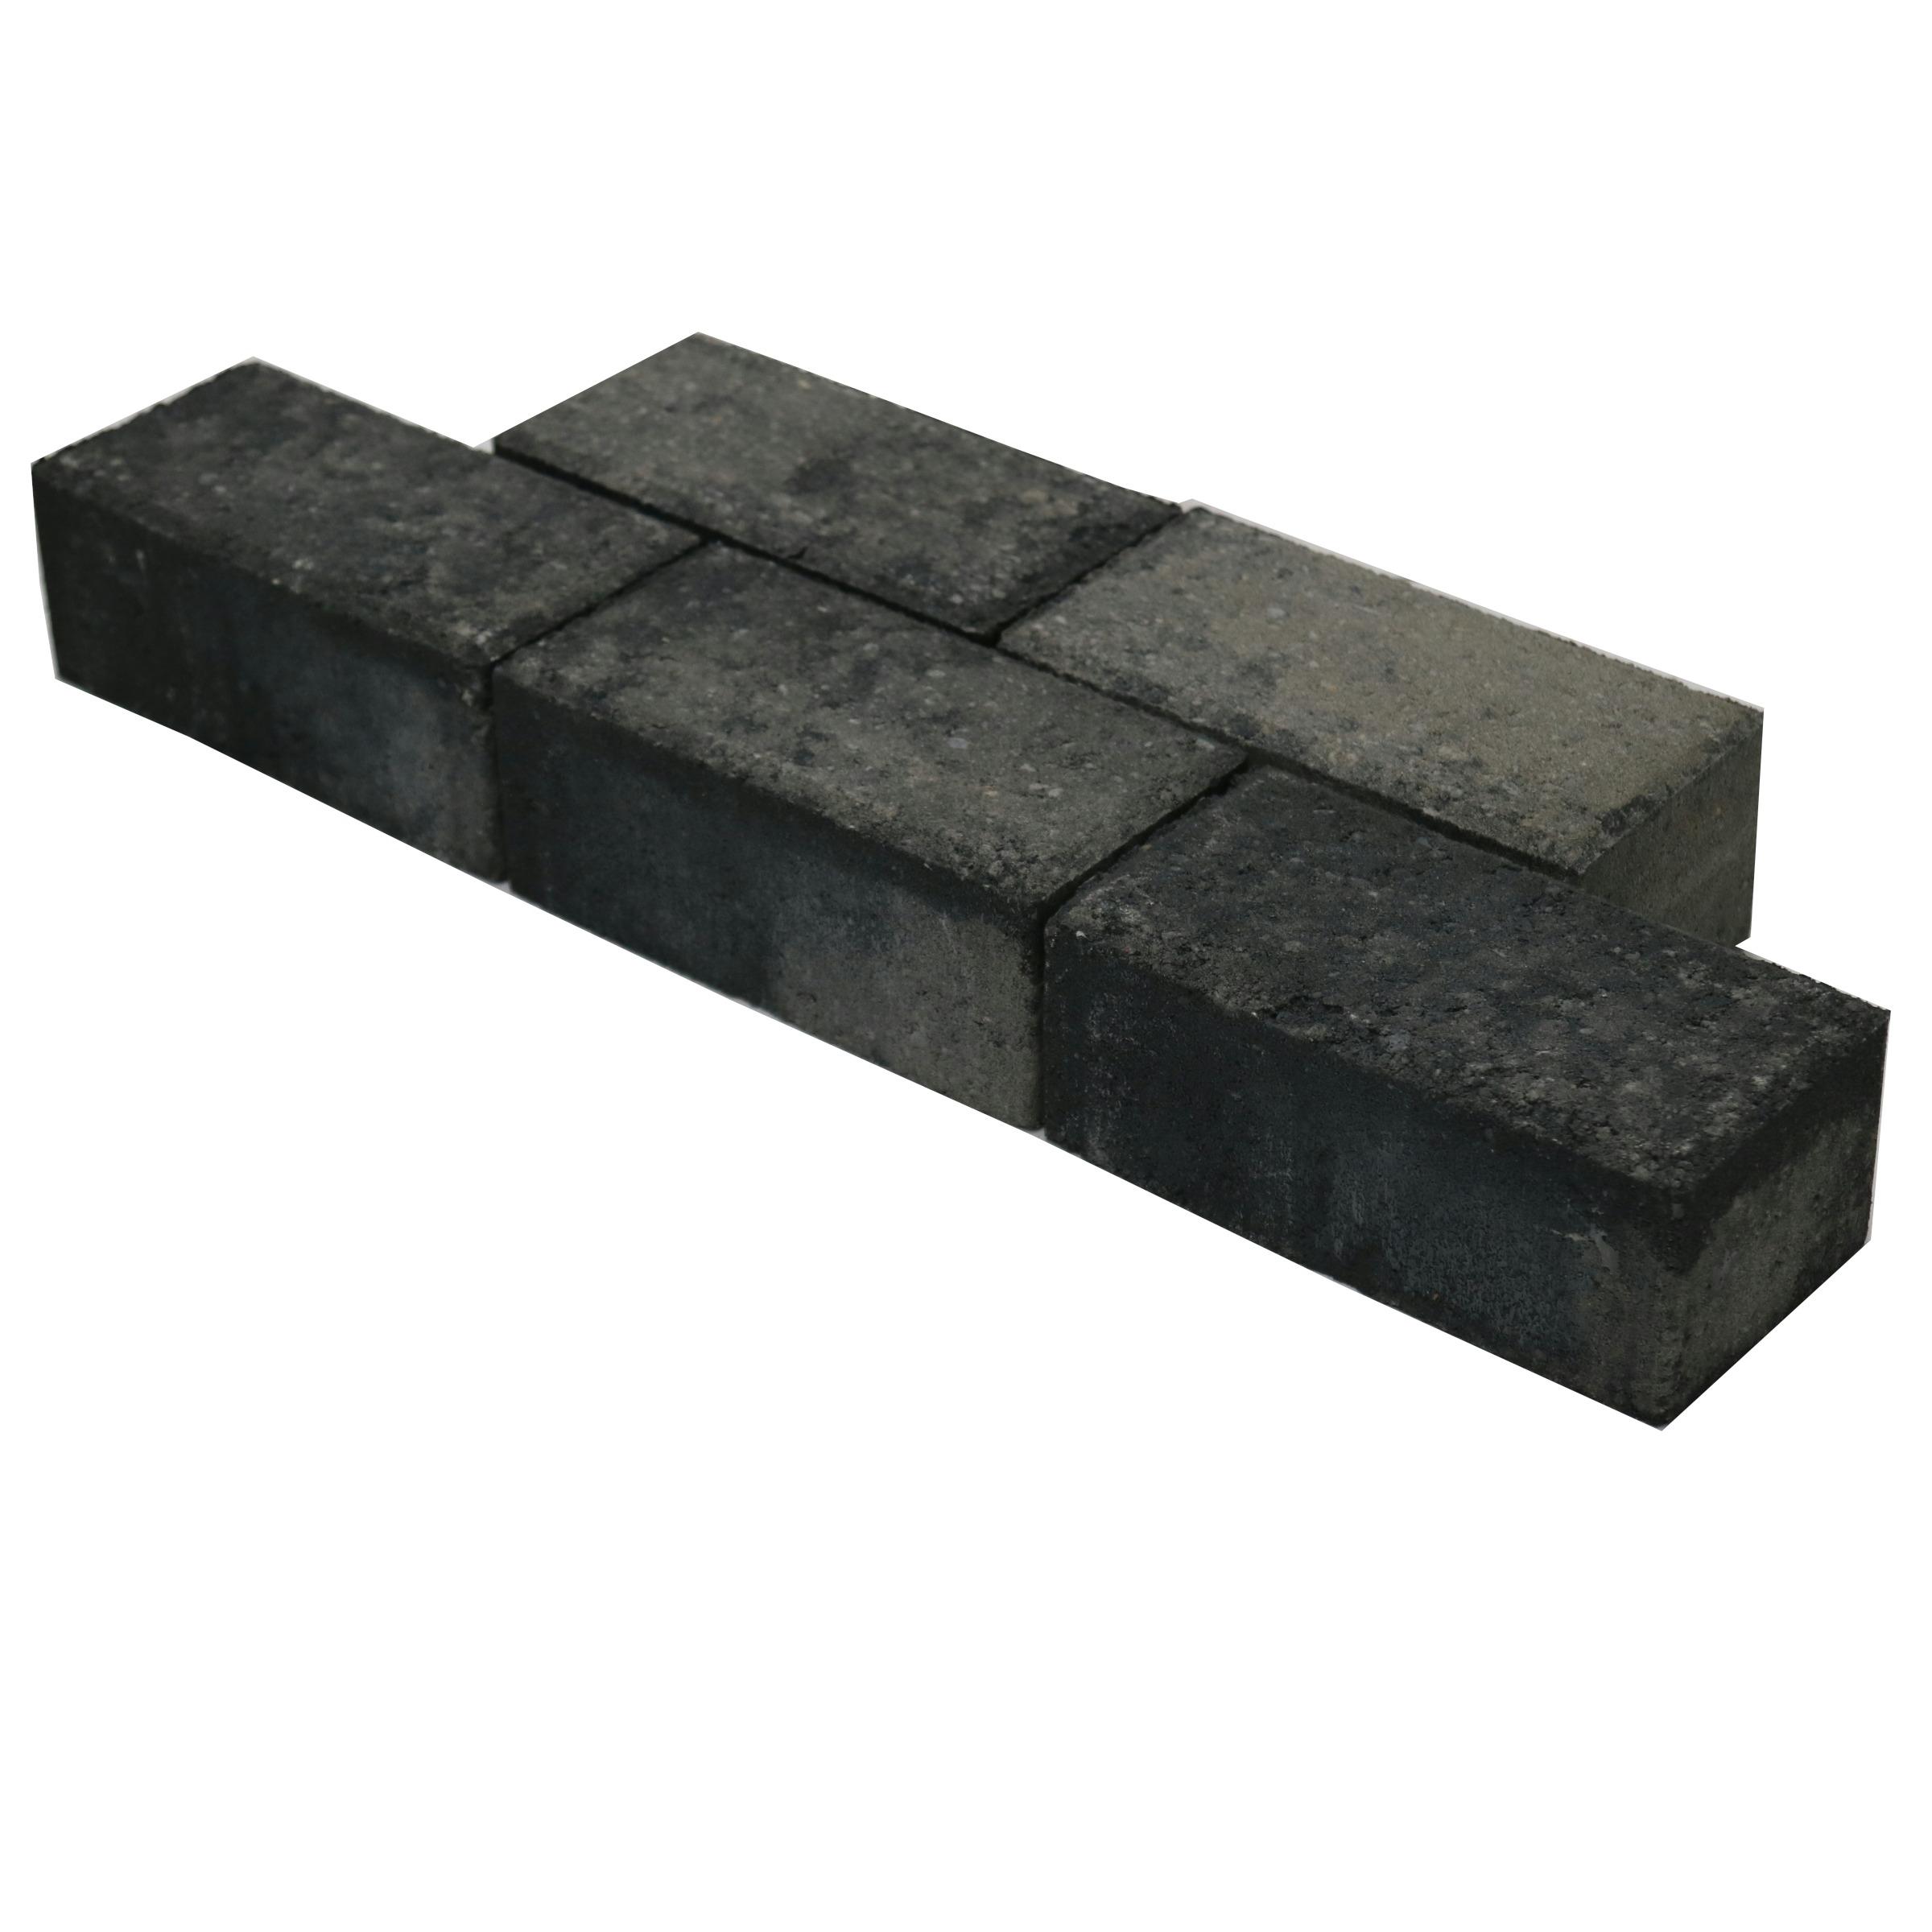 Klinker Beton Facet Grijs/Zwart 21x10,5x8 cm - 252 Klinkers - 5,29 m2